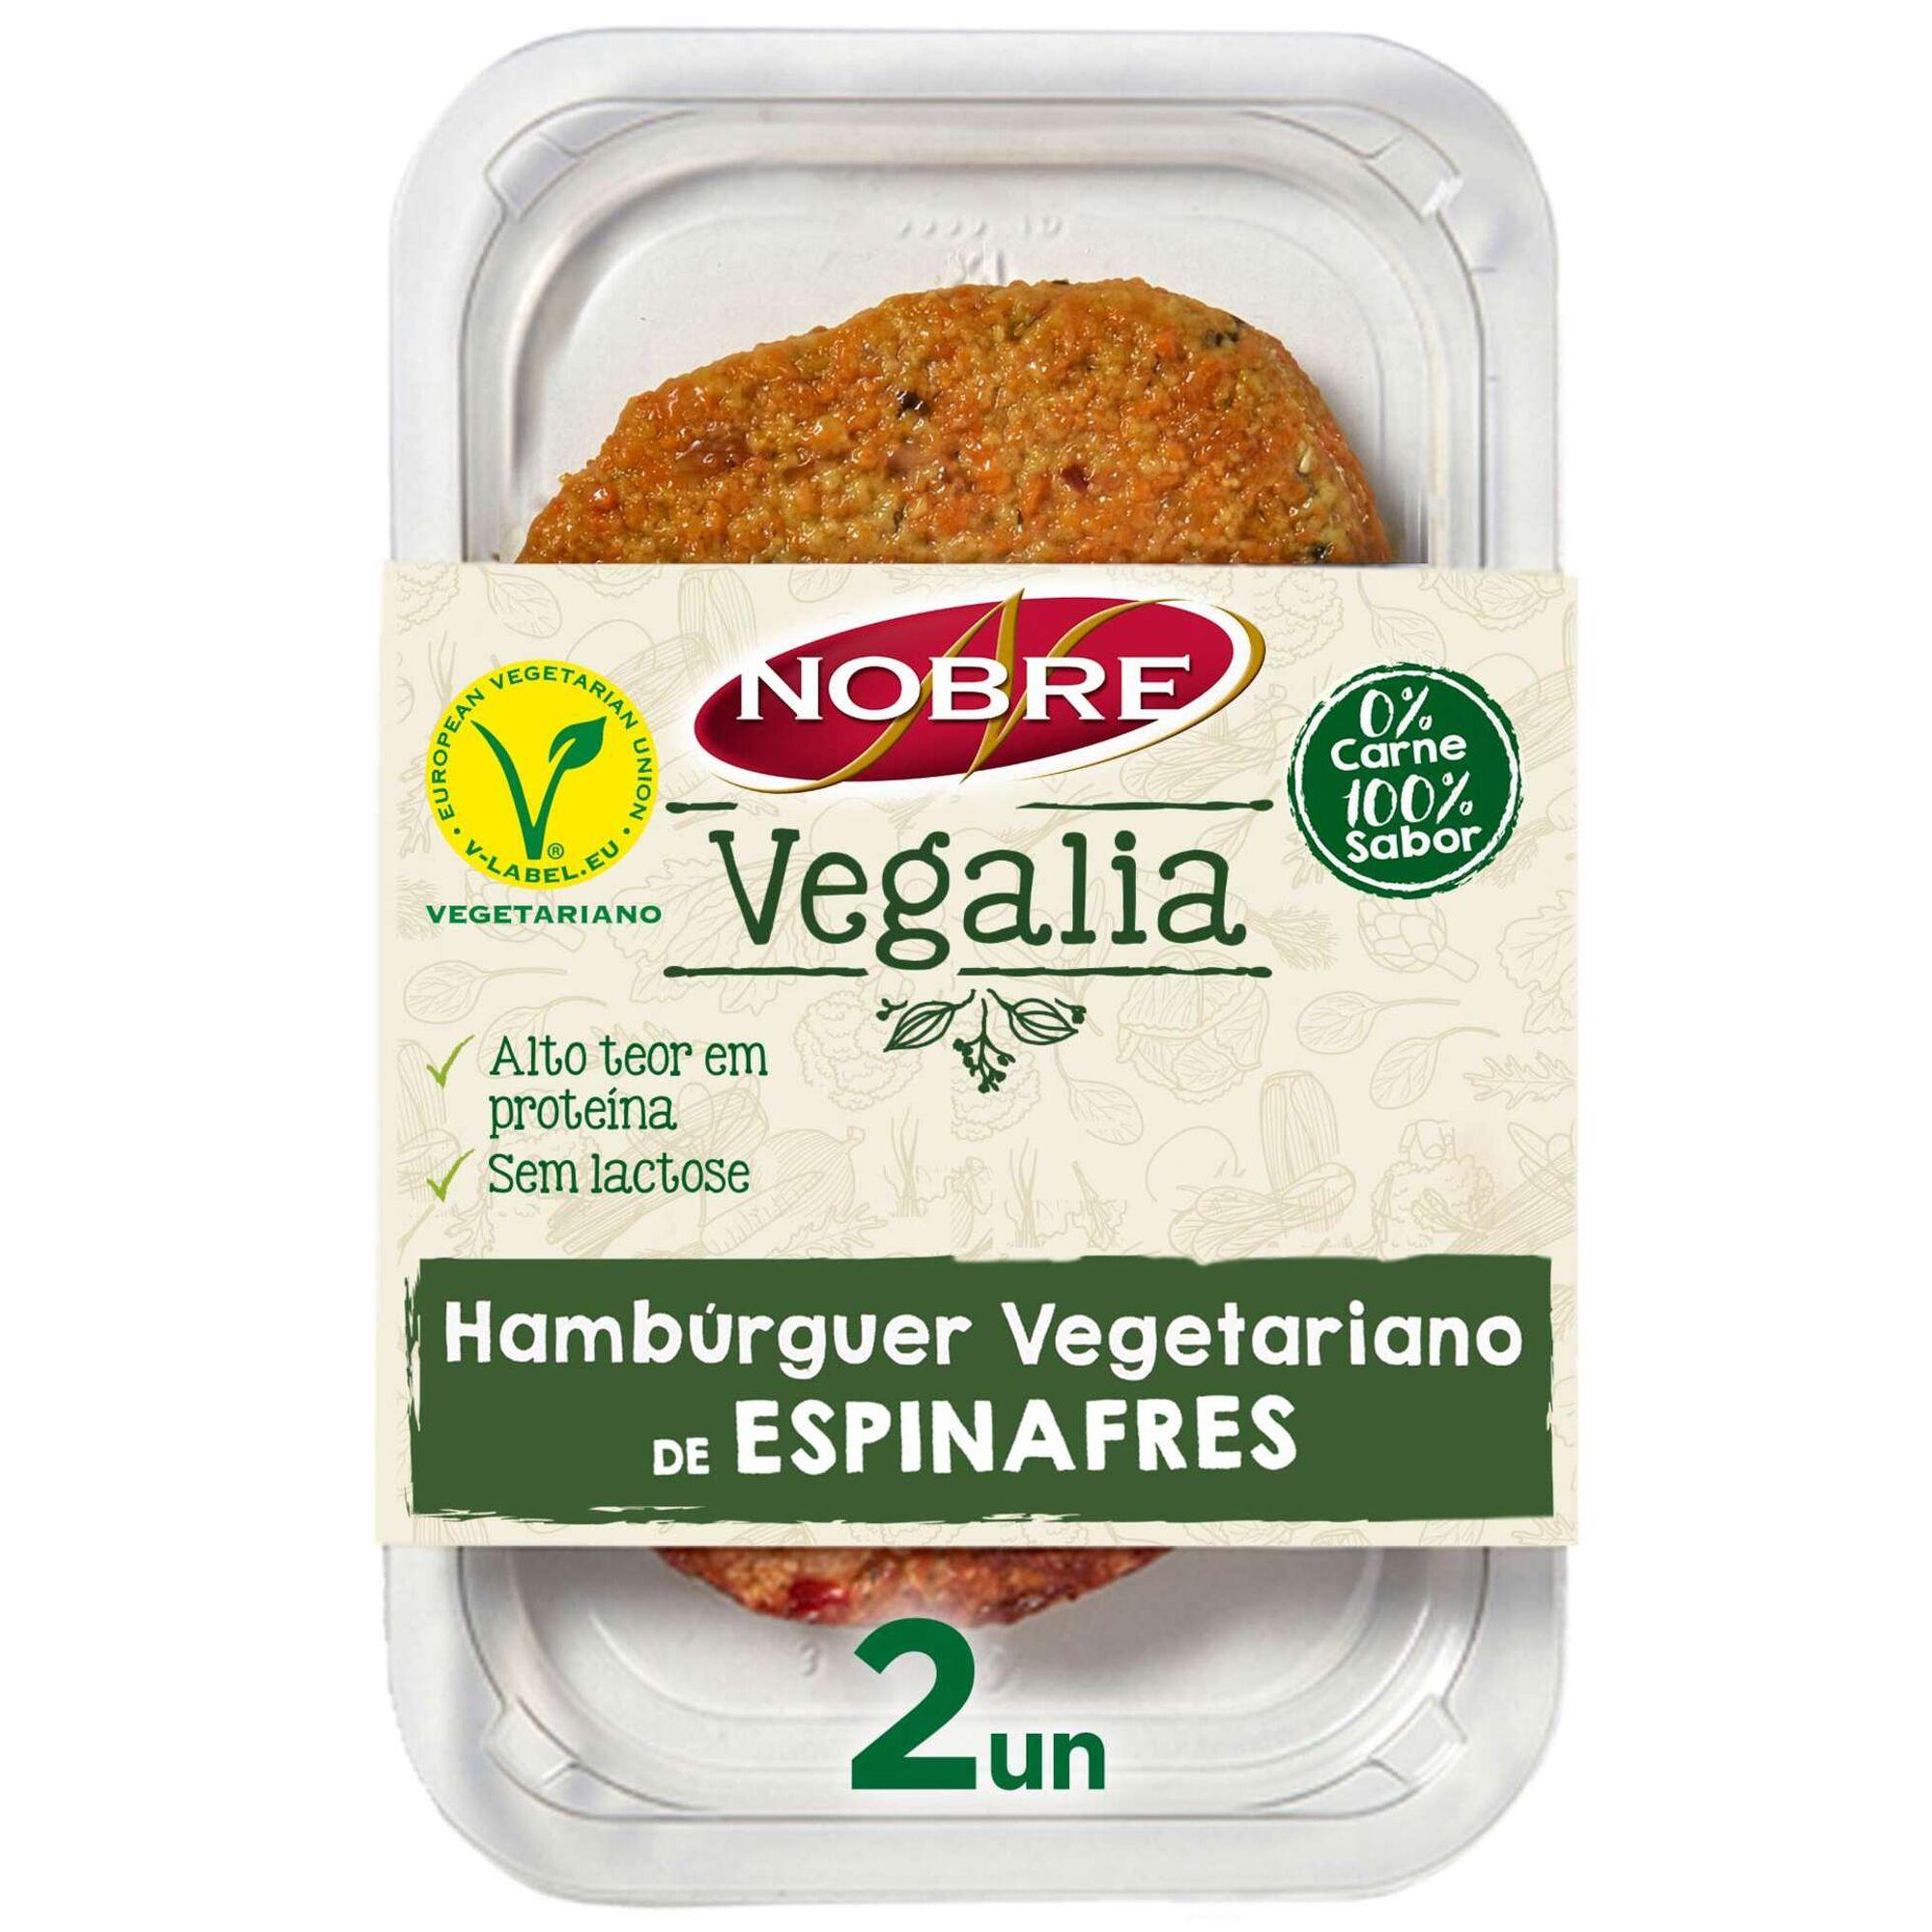 Hambúrguer Vegetariano de Espinafres